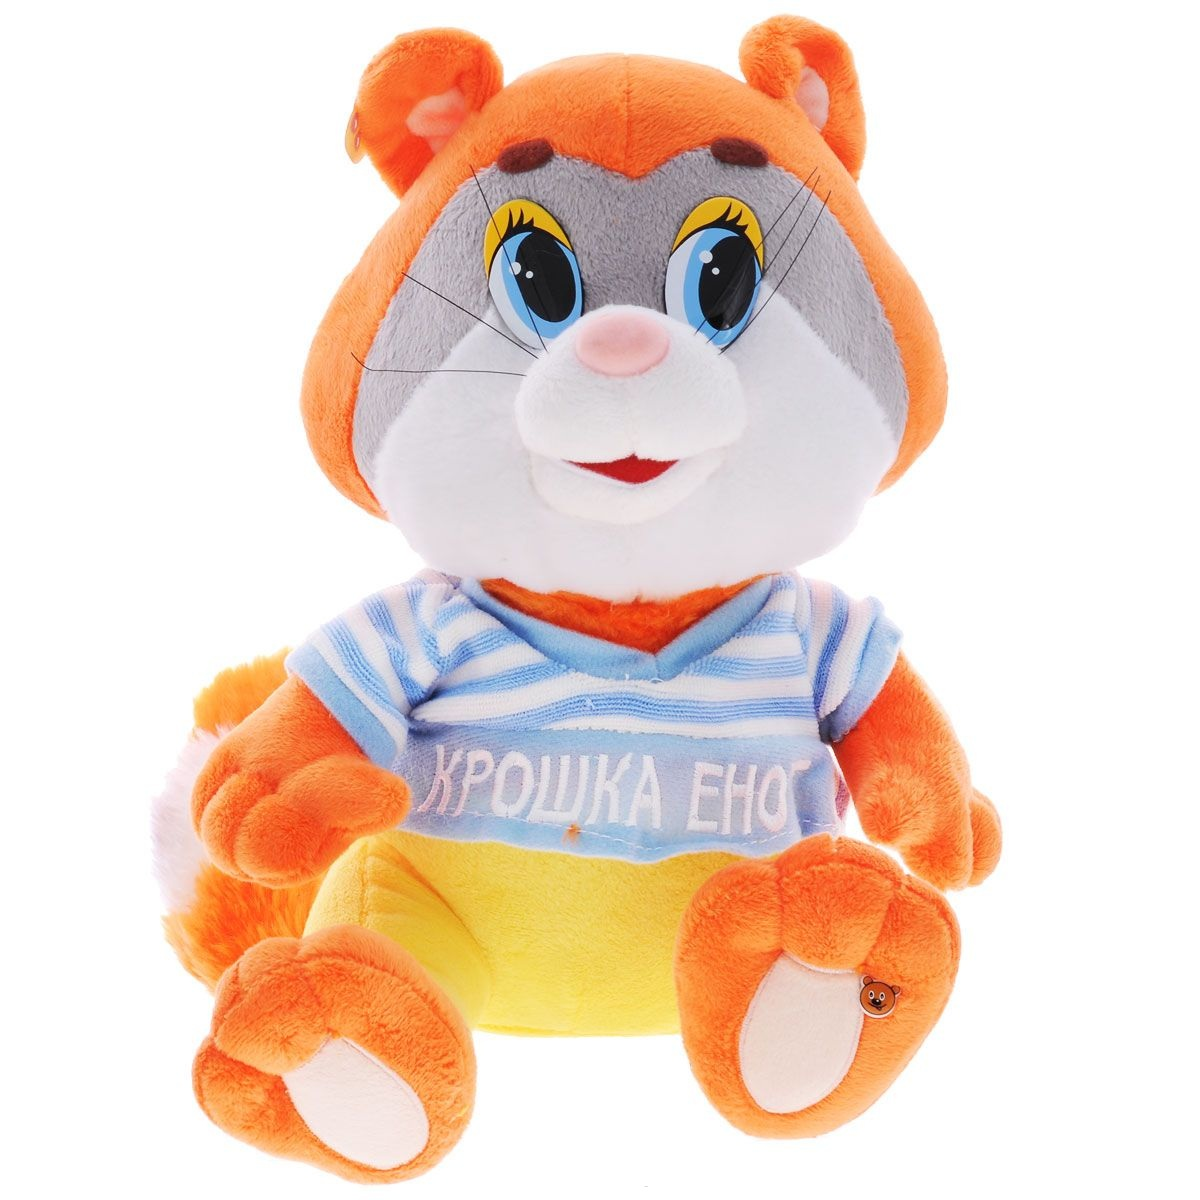 Мульти-Пульти™. Мягкая игрушка Крошка Енот - Енот, 25 см, озвученныйИгрушки Союзмультфильм<br>Мульти-Пульти™. Мягкая игрушка Крошка Енот - Енот, 25 см, озвученный<br>